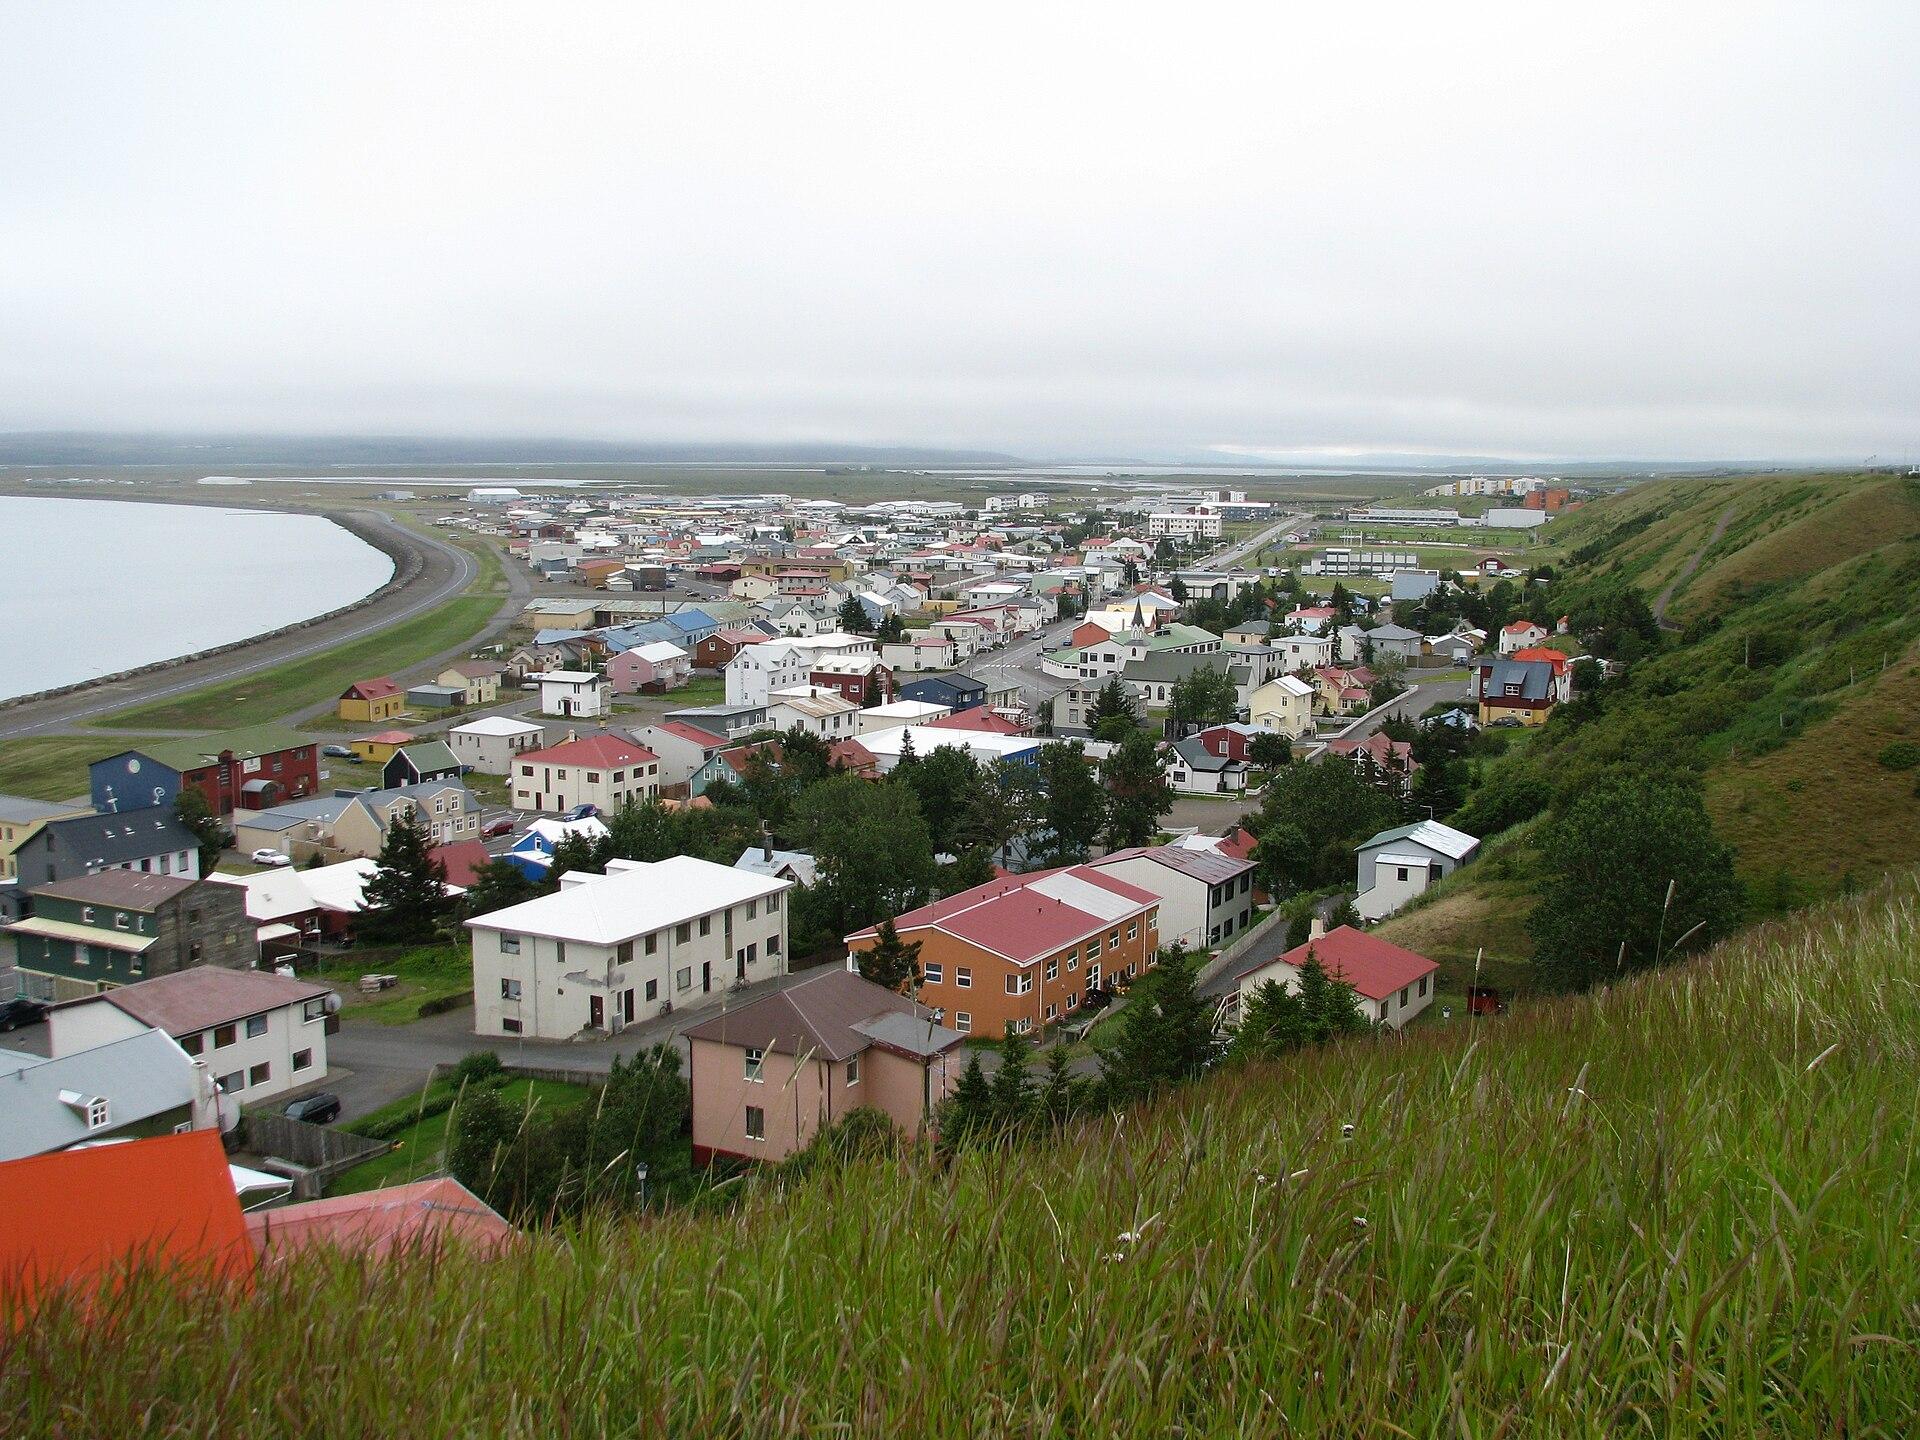 冰岛北部的瑟伊藻克罗屈尔小镇是斯卡加峡湾地区的最大城镇